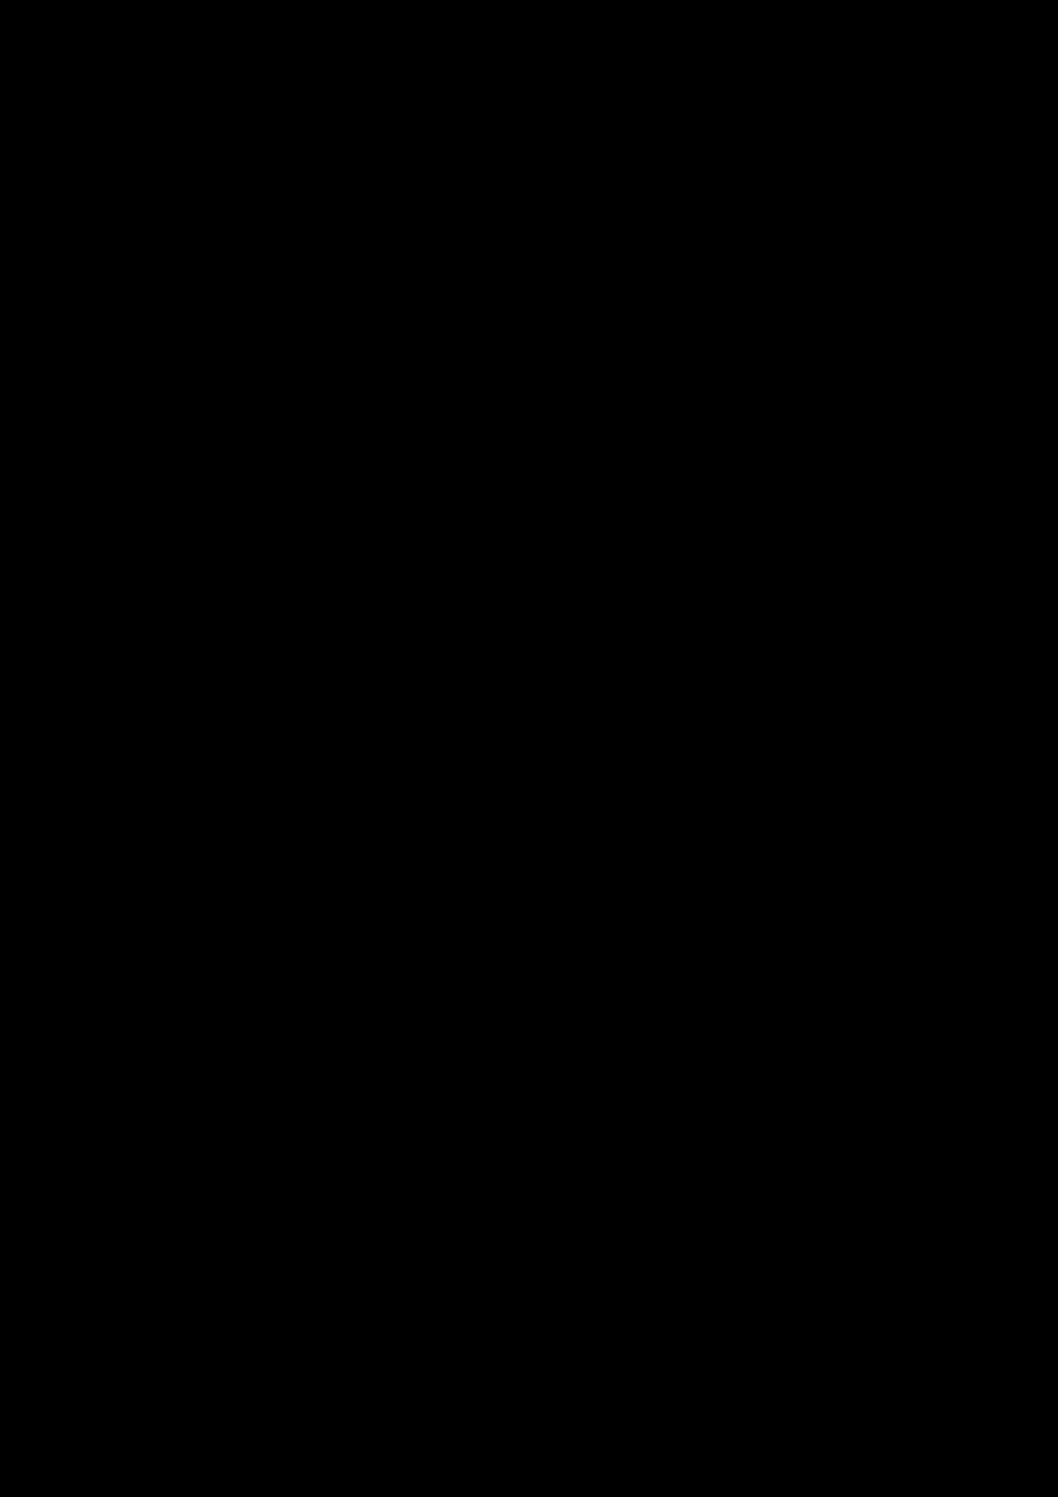 automazione-integrabile-per-cancelli-scorrevoli